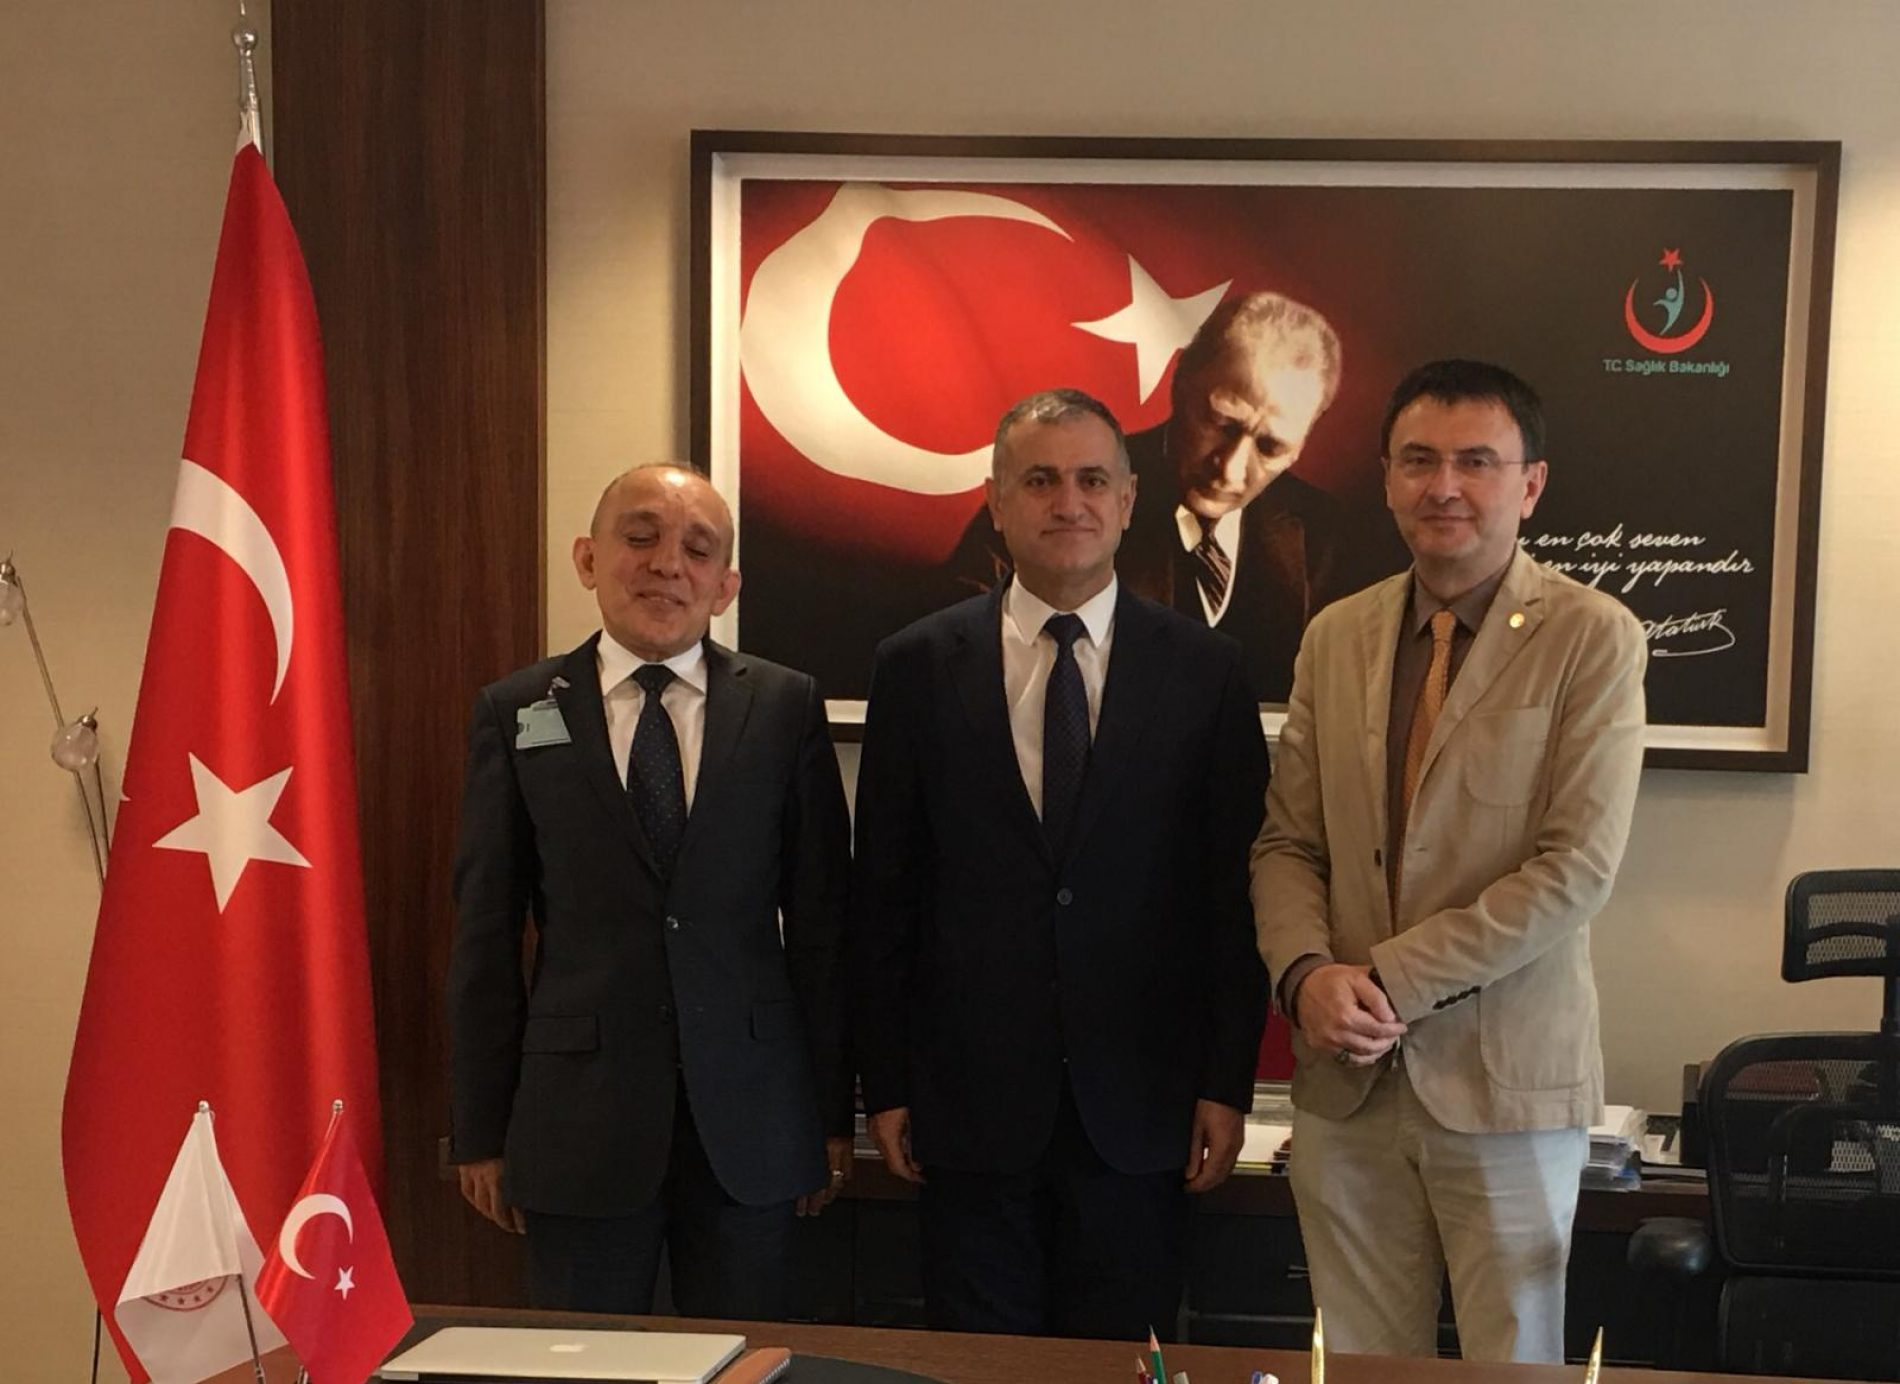 TBD Ankara Şubesi Yönetiminin  Sayın Dr. Mahir Ülgü'ye Tanışma ve Nezaket Ziyareti